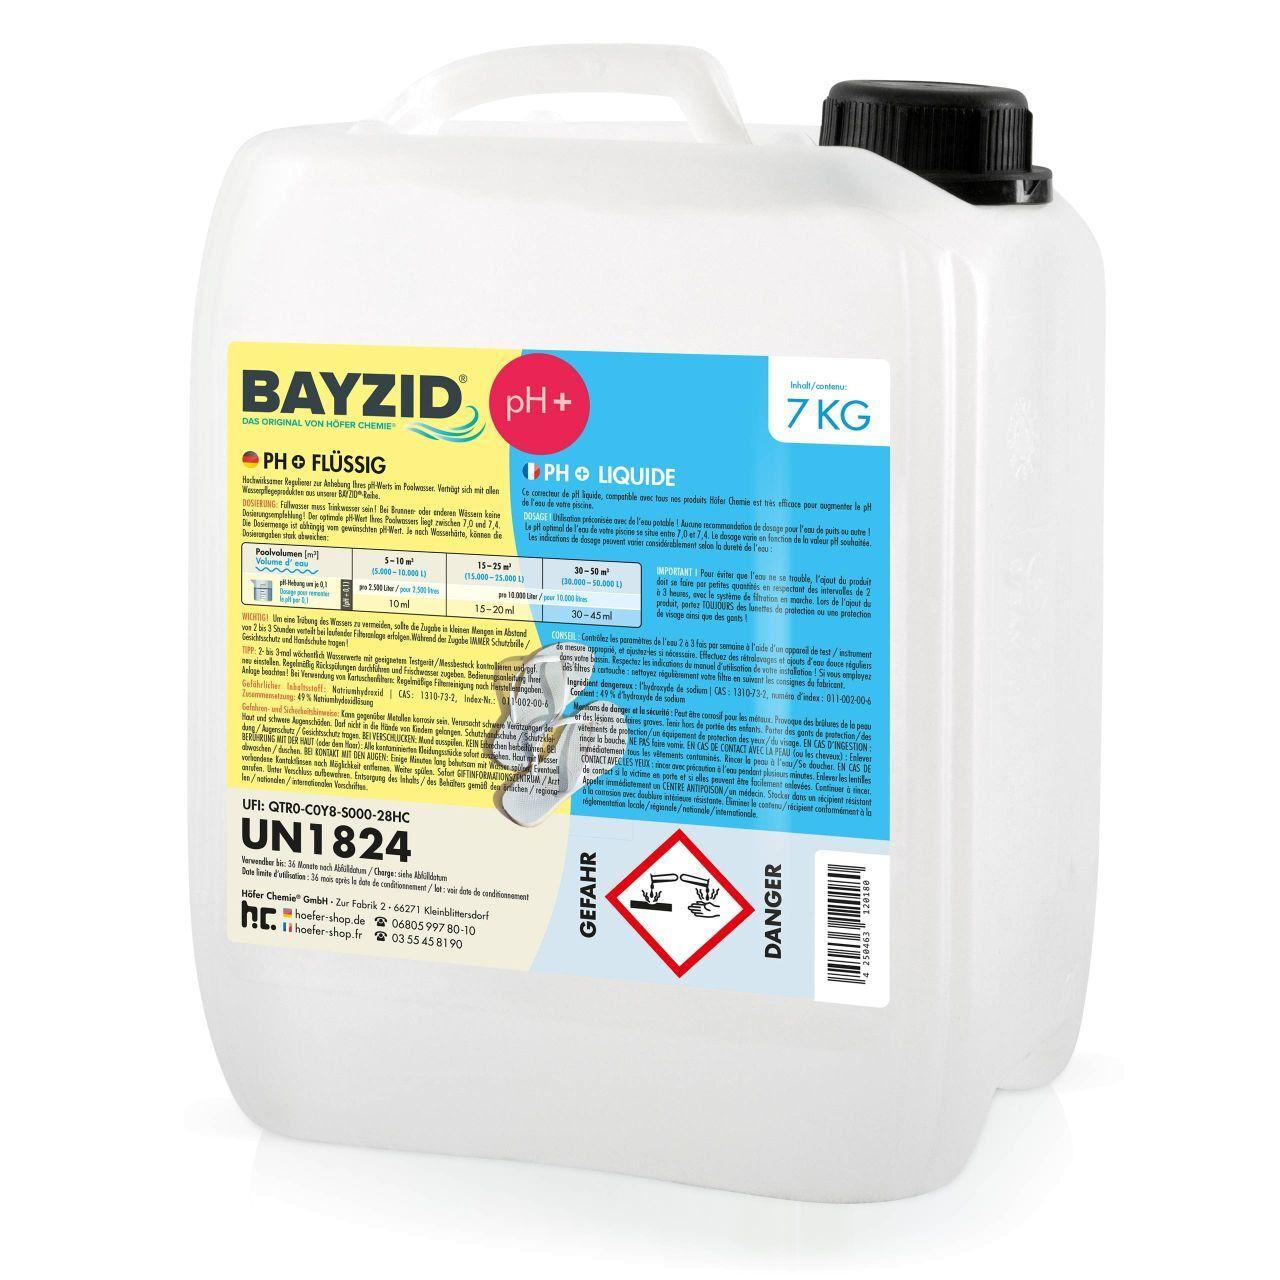 BAYZID 14 kg pH plus liquide (2 x 7 kg)